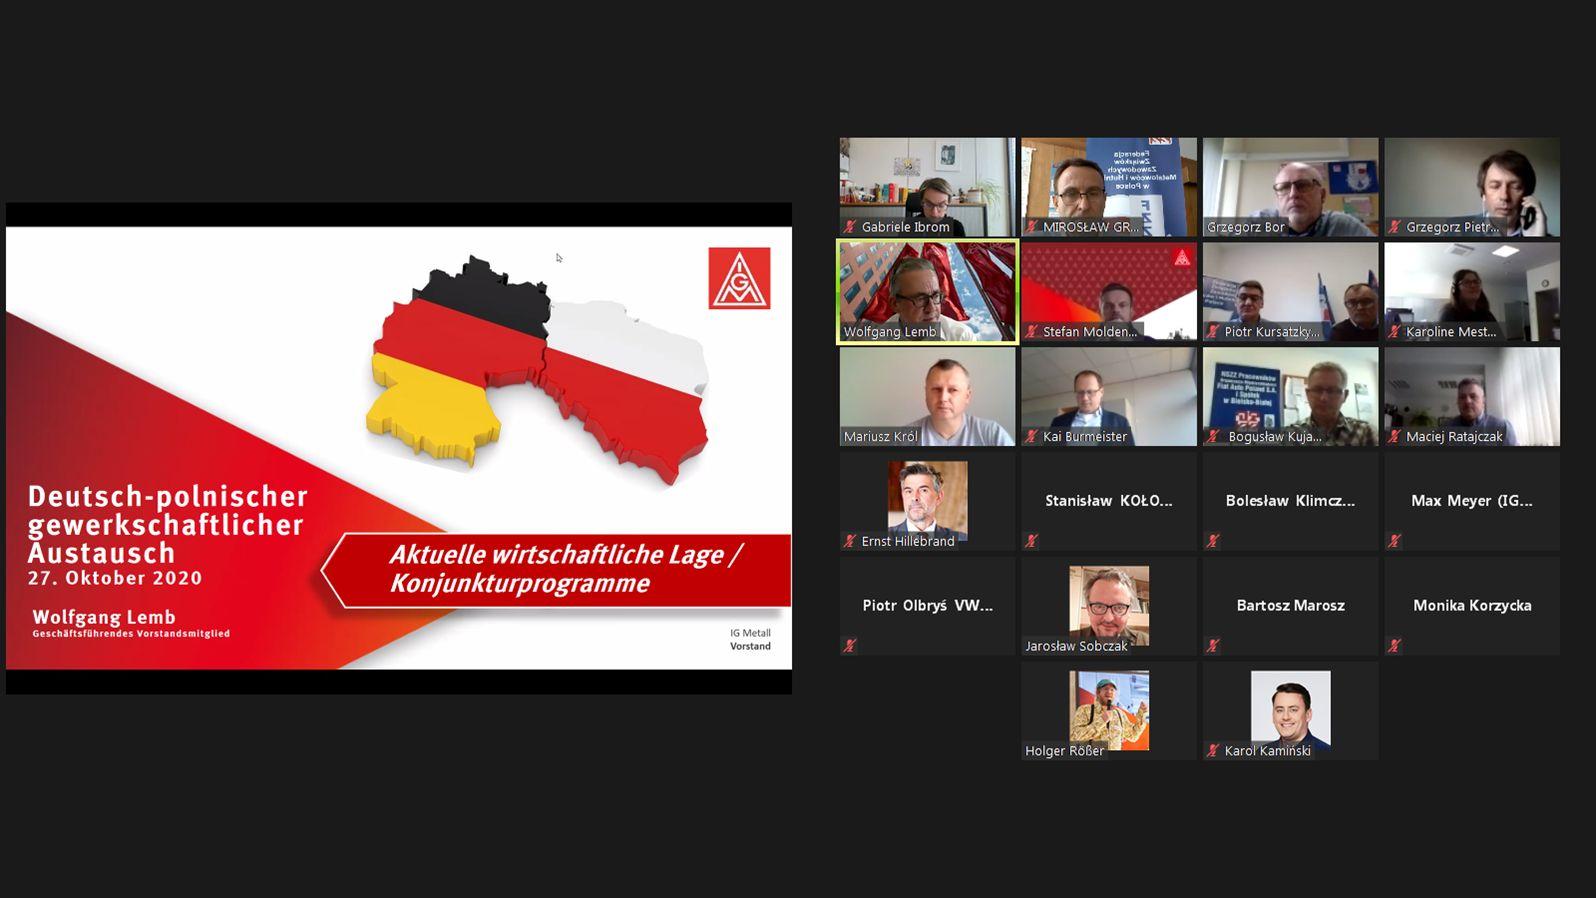 Wirtualne polsko-niemieckie spotkanie związkowe